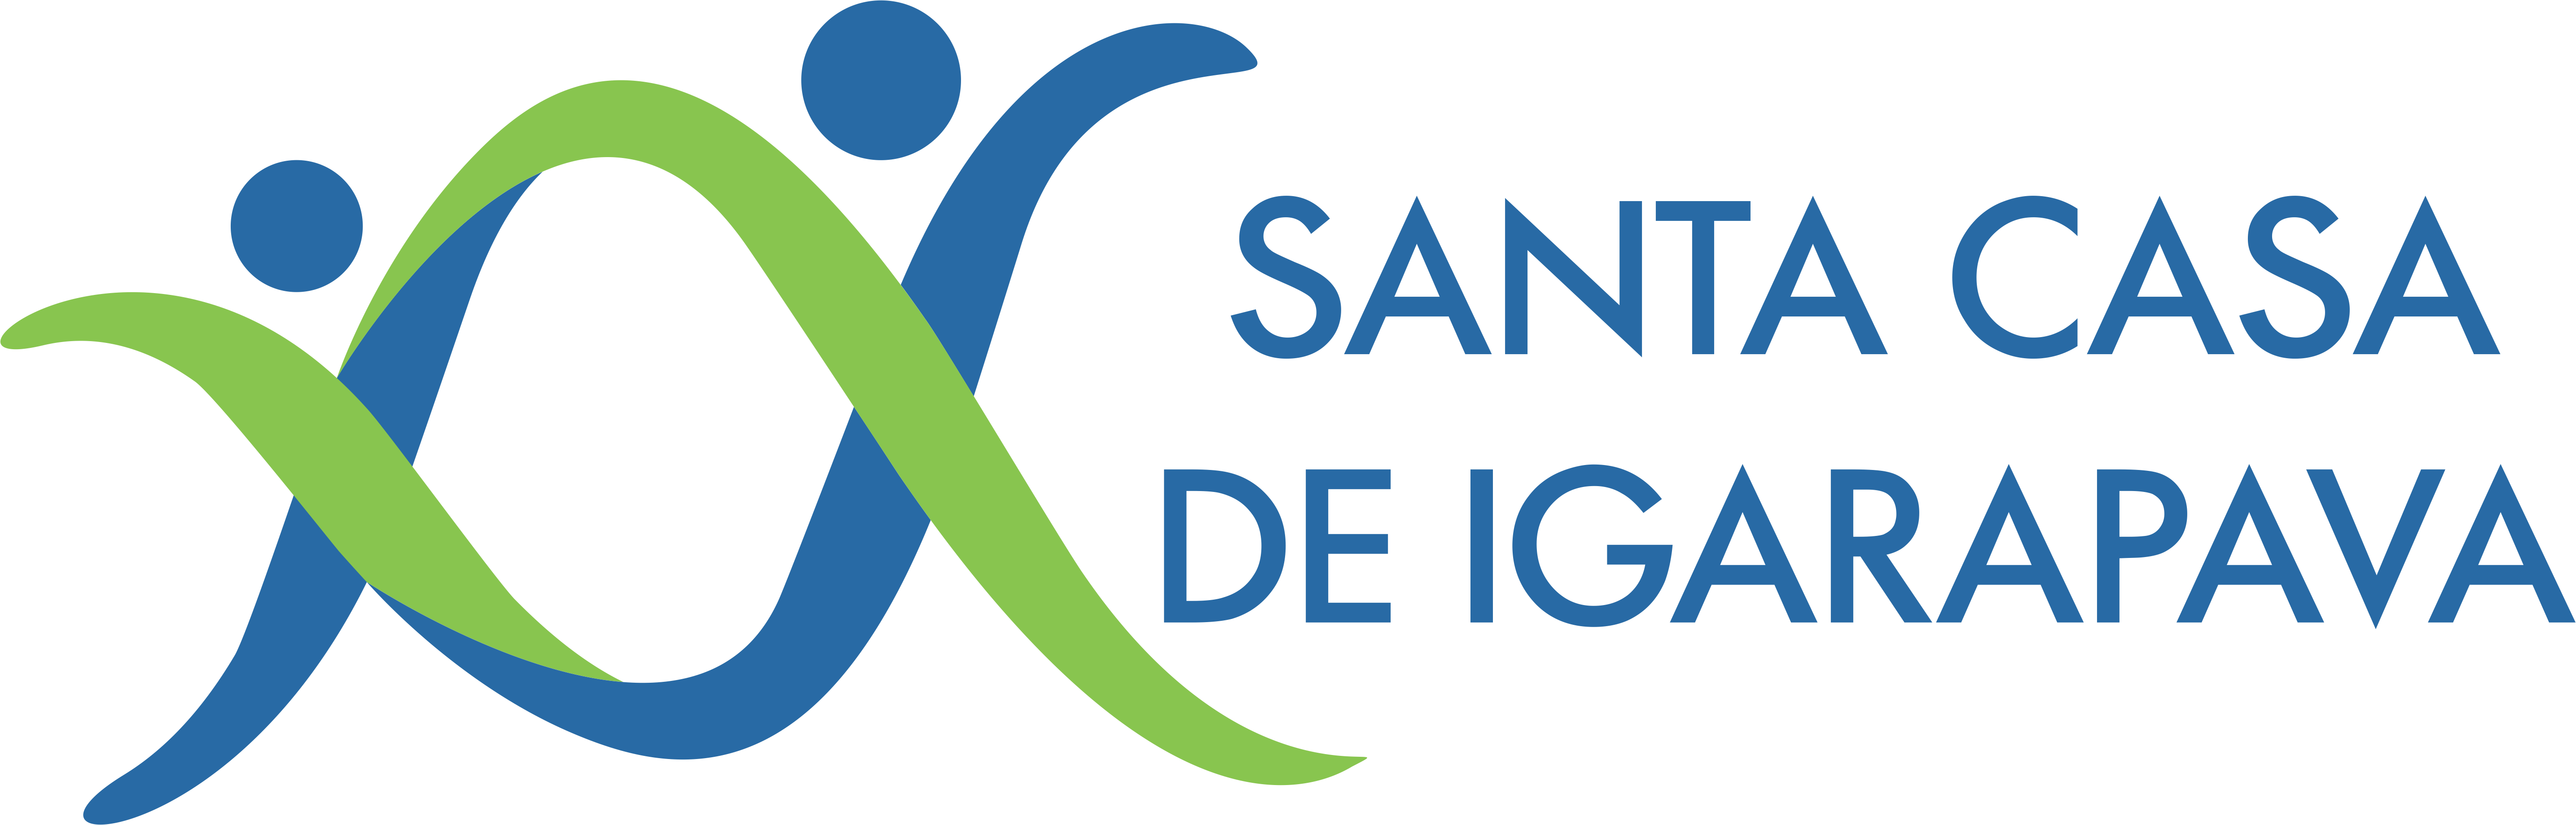 Santa Casa de Igarapava